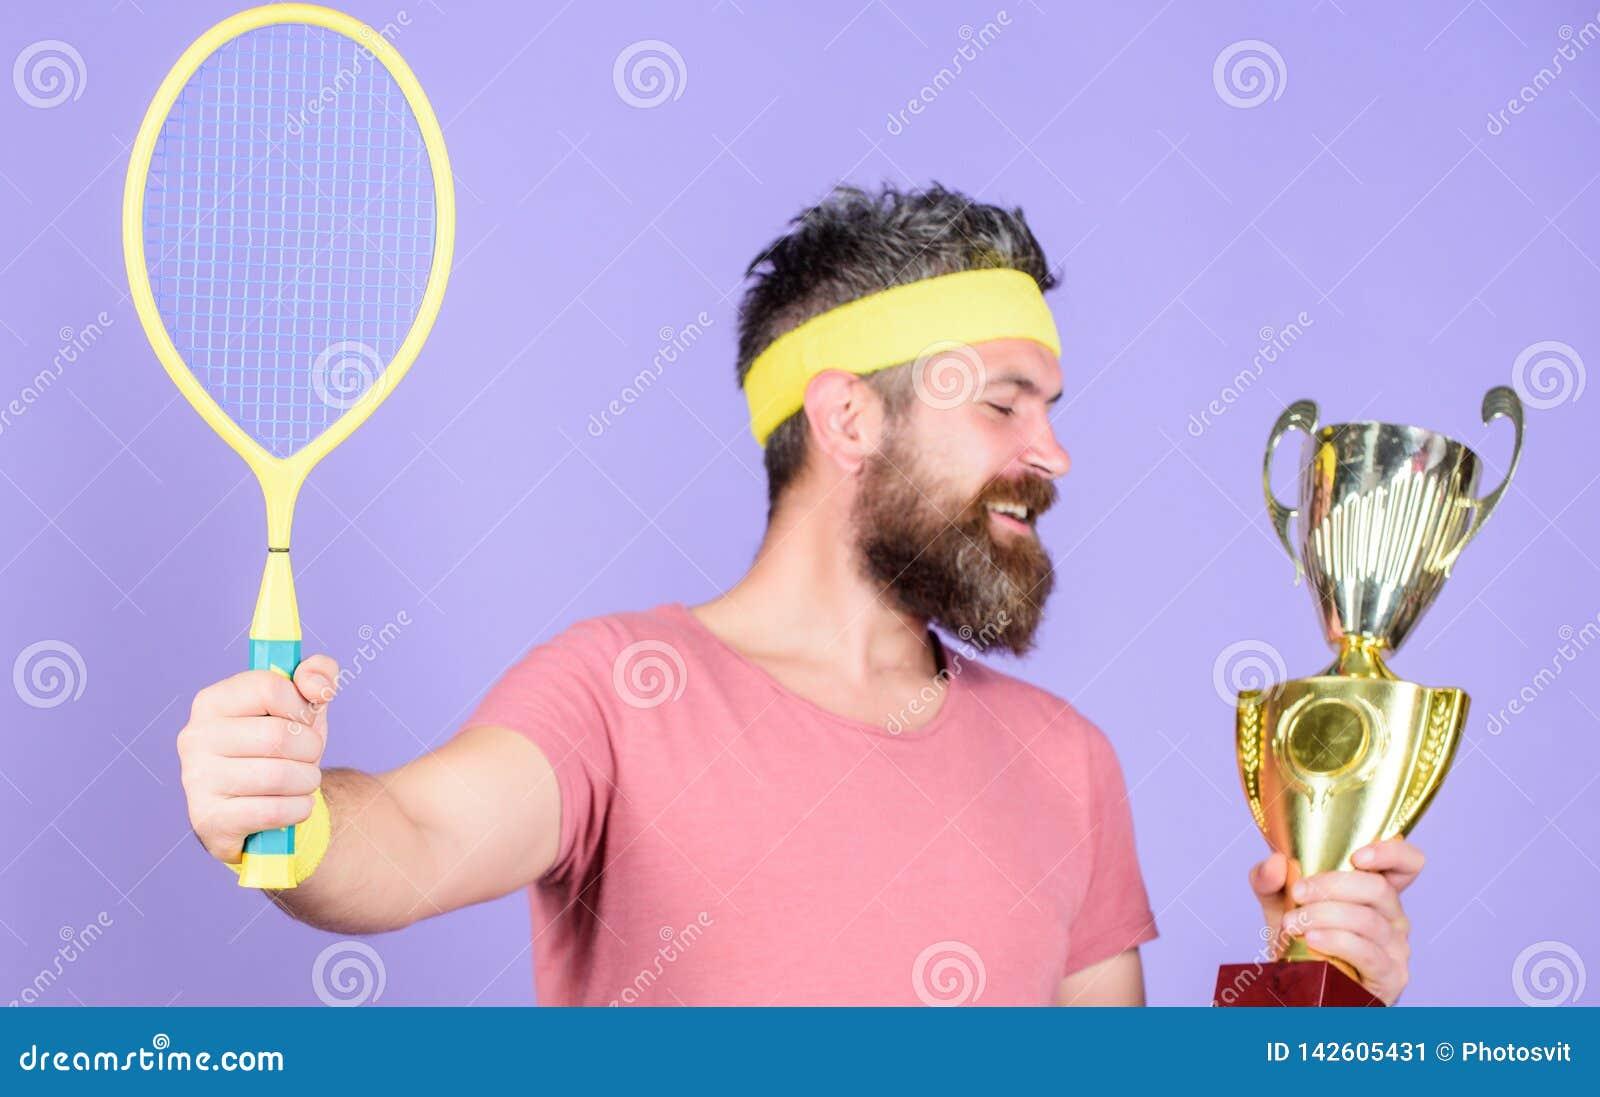 Ο τενίστας κερδίζει το πρωτάθλημα Ρακέτα αντισφαίρισης λαβής αθλητών και χρυσό goblet Κερδίστε το παιχνίδι αντισφαίρισης Γενειοφό